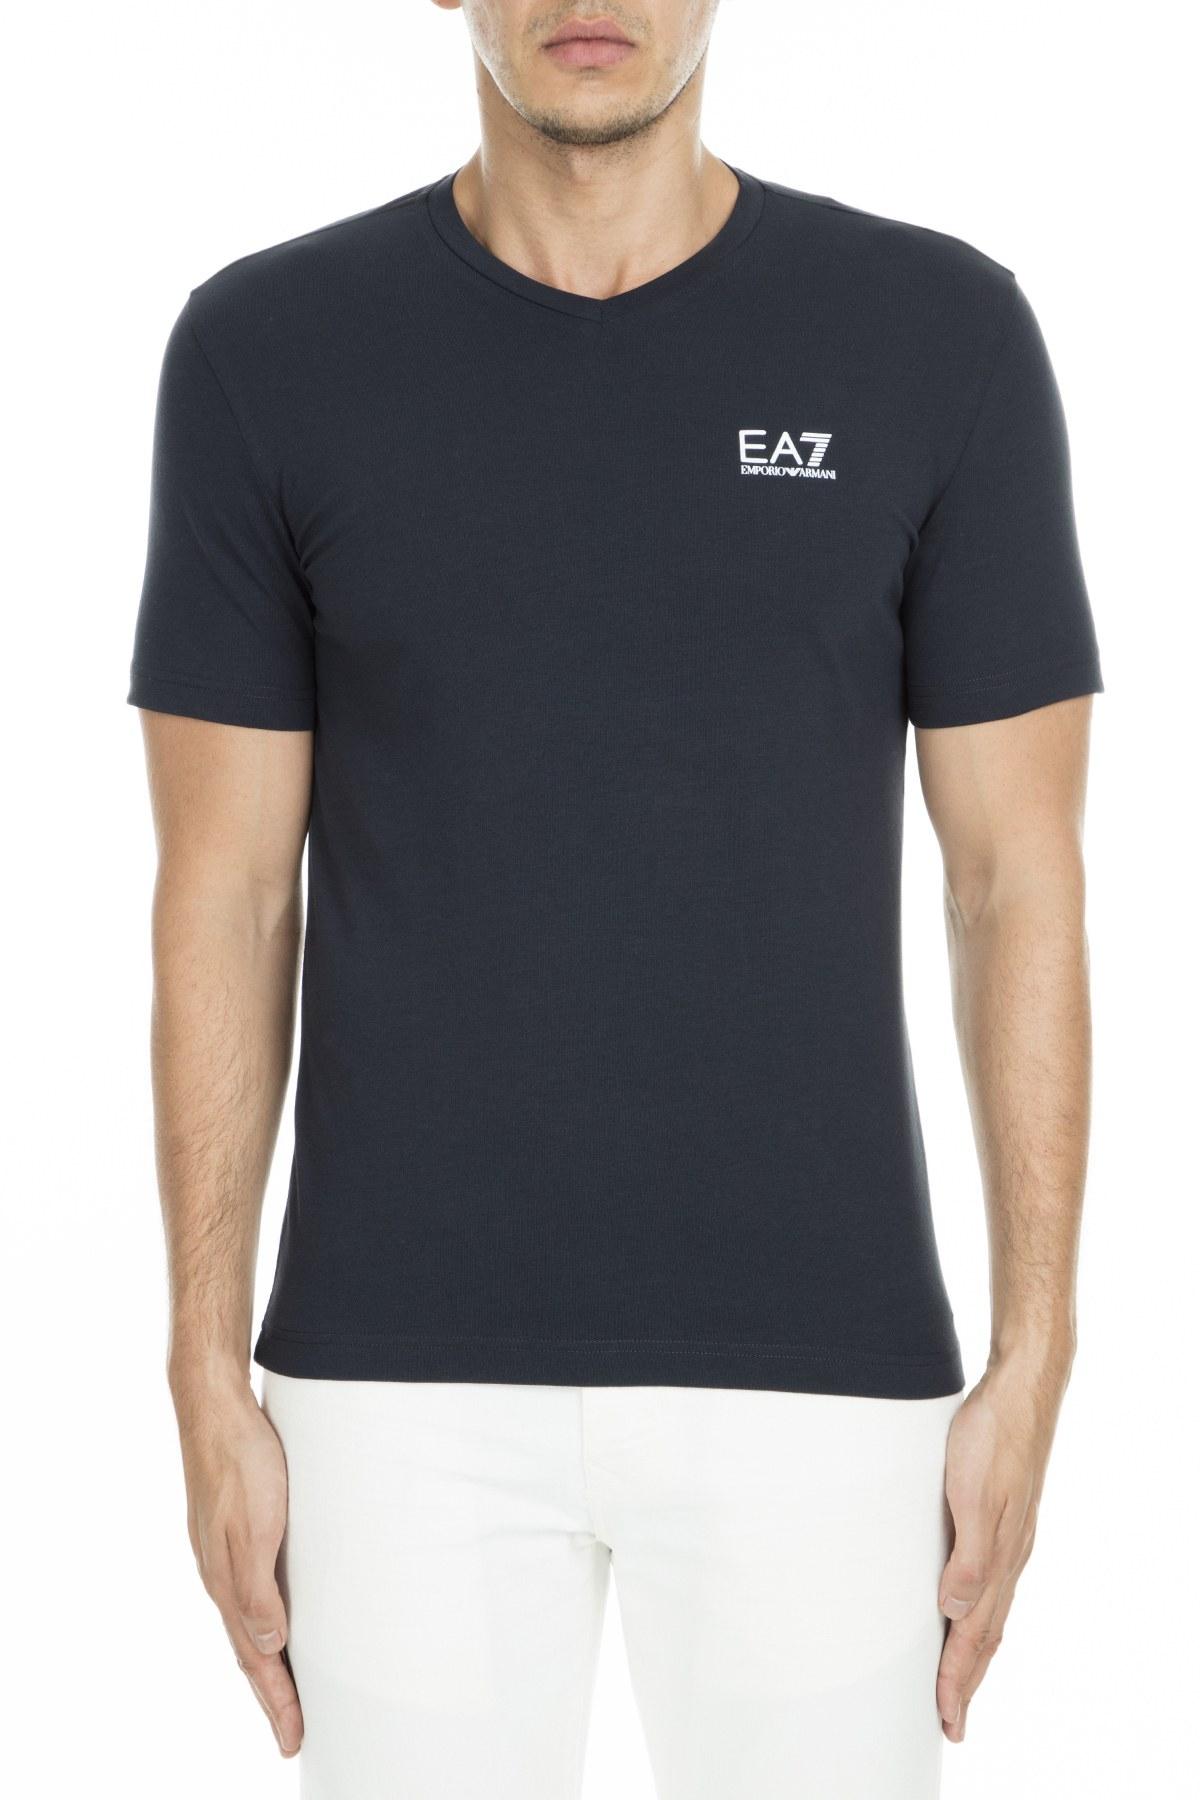 EA7 Erkek T Shirt S 3GPT53 PJM5Z 1578 LACİVERT